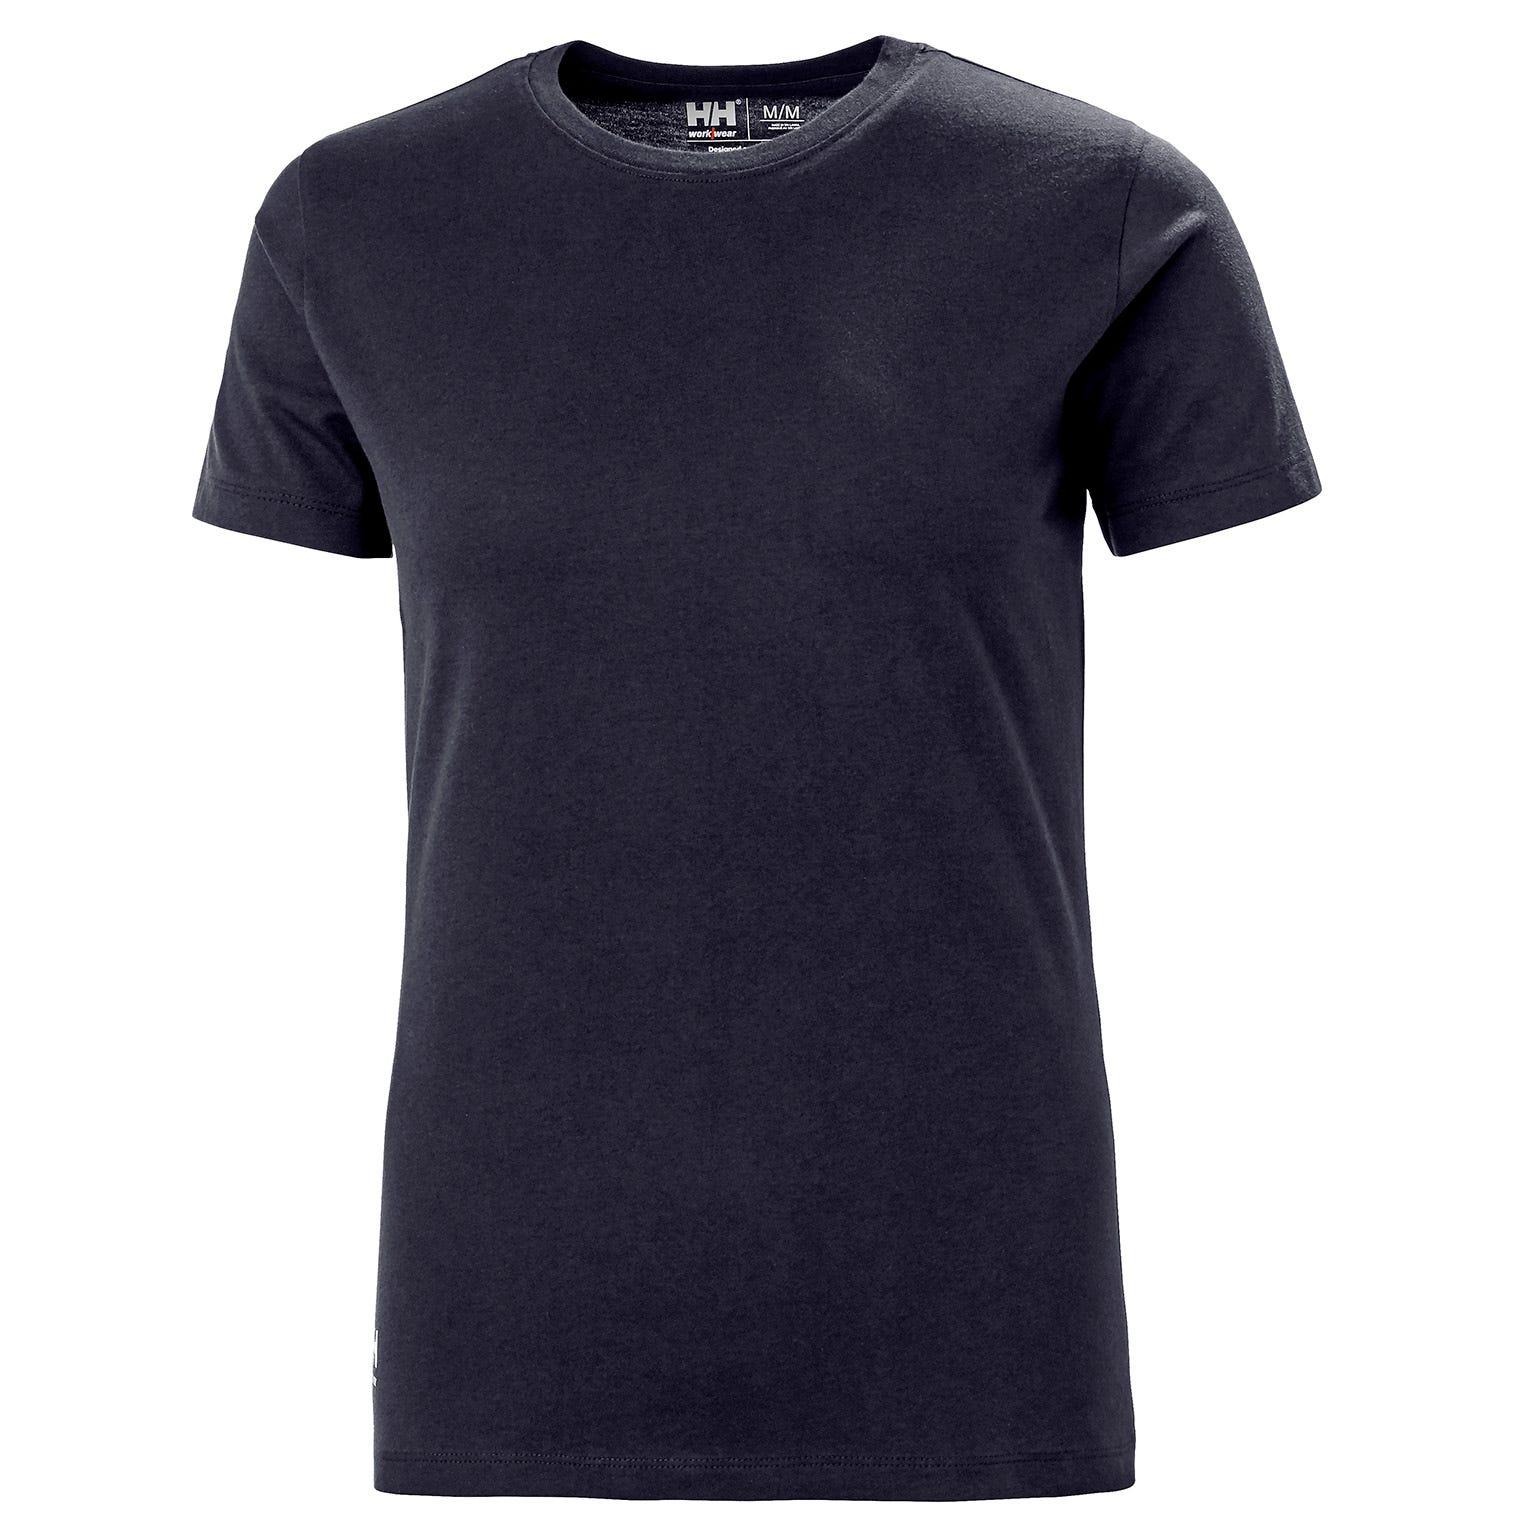 HH Workwear Helly Hansen WorkwearWomen's Manchester Cotton T-Shirt Navy XXL